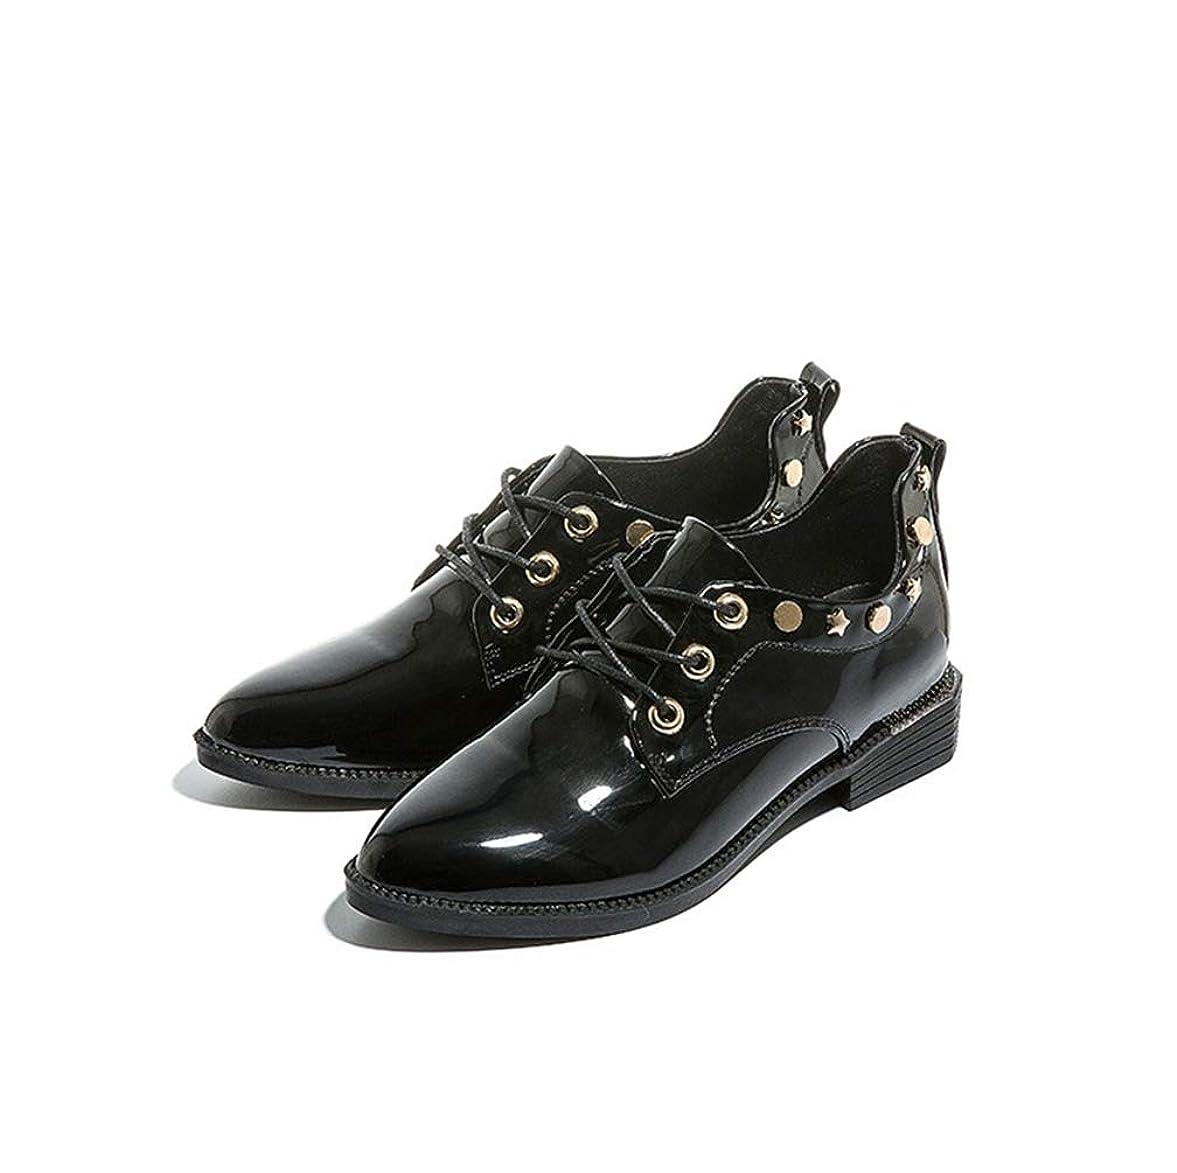 栄養感嘆符驚くべきレースアップシューズ レディース オックスフォード エナメル 大人 ローファー 疲れない パンプス ベージュ ブラック ローヒール パンプス ショートブーツ 痛くない 黒 歩きやすい 旅行 かわいい レディース靴 袴 ブーツ